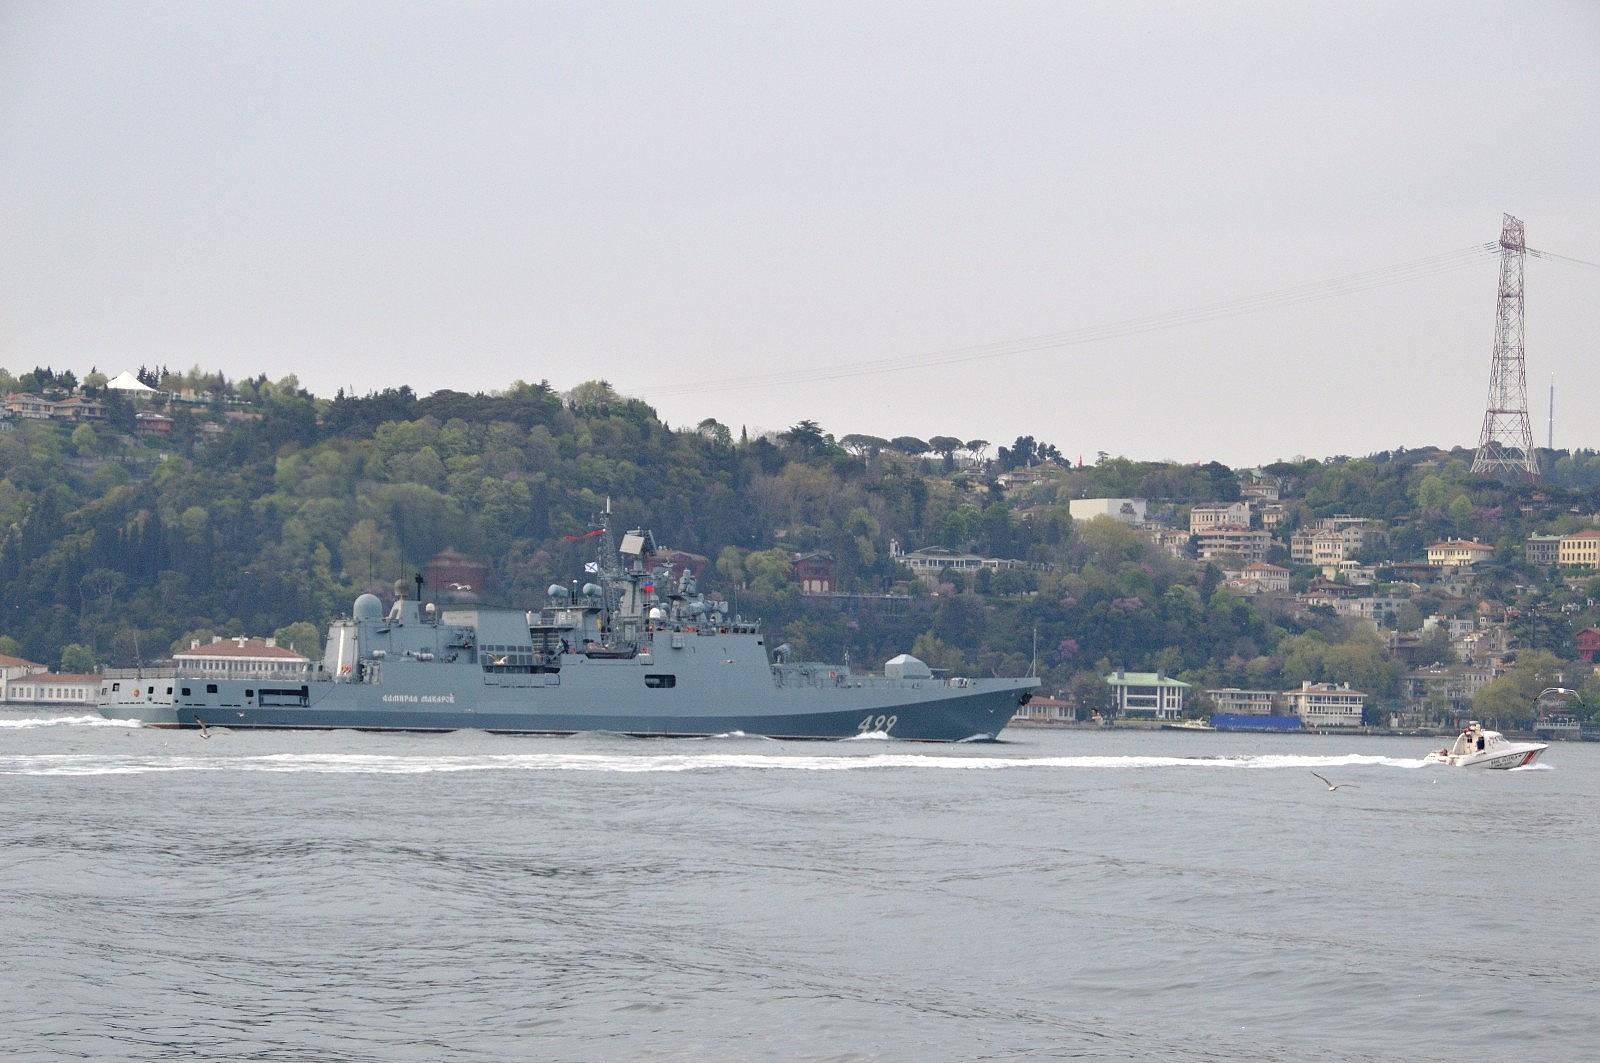 2021/05/rus-donanmasina-ait-rfs-499-borda-numarali-admiral-makarov-gemisi-bogazdan-gecti-20210502AW31-9.jpg